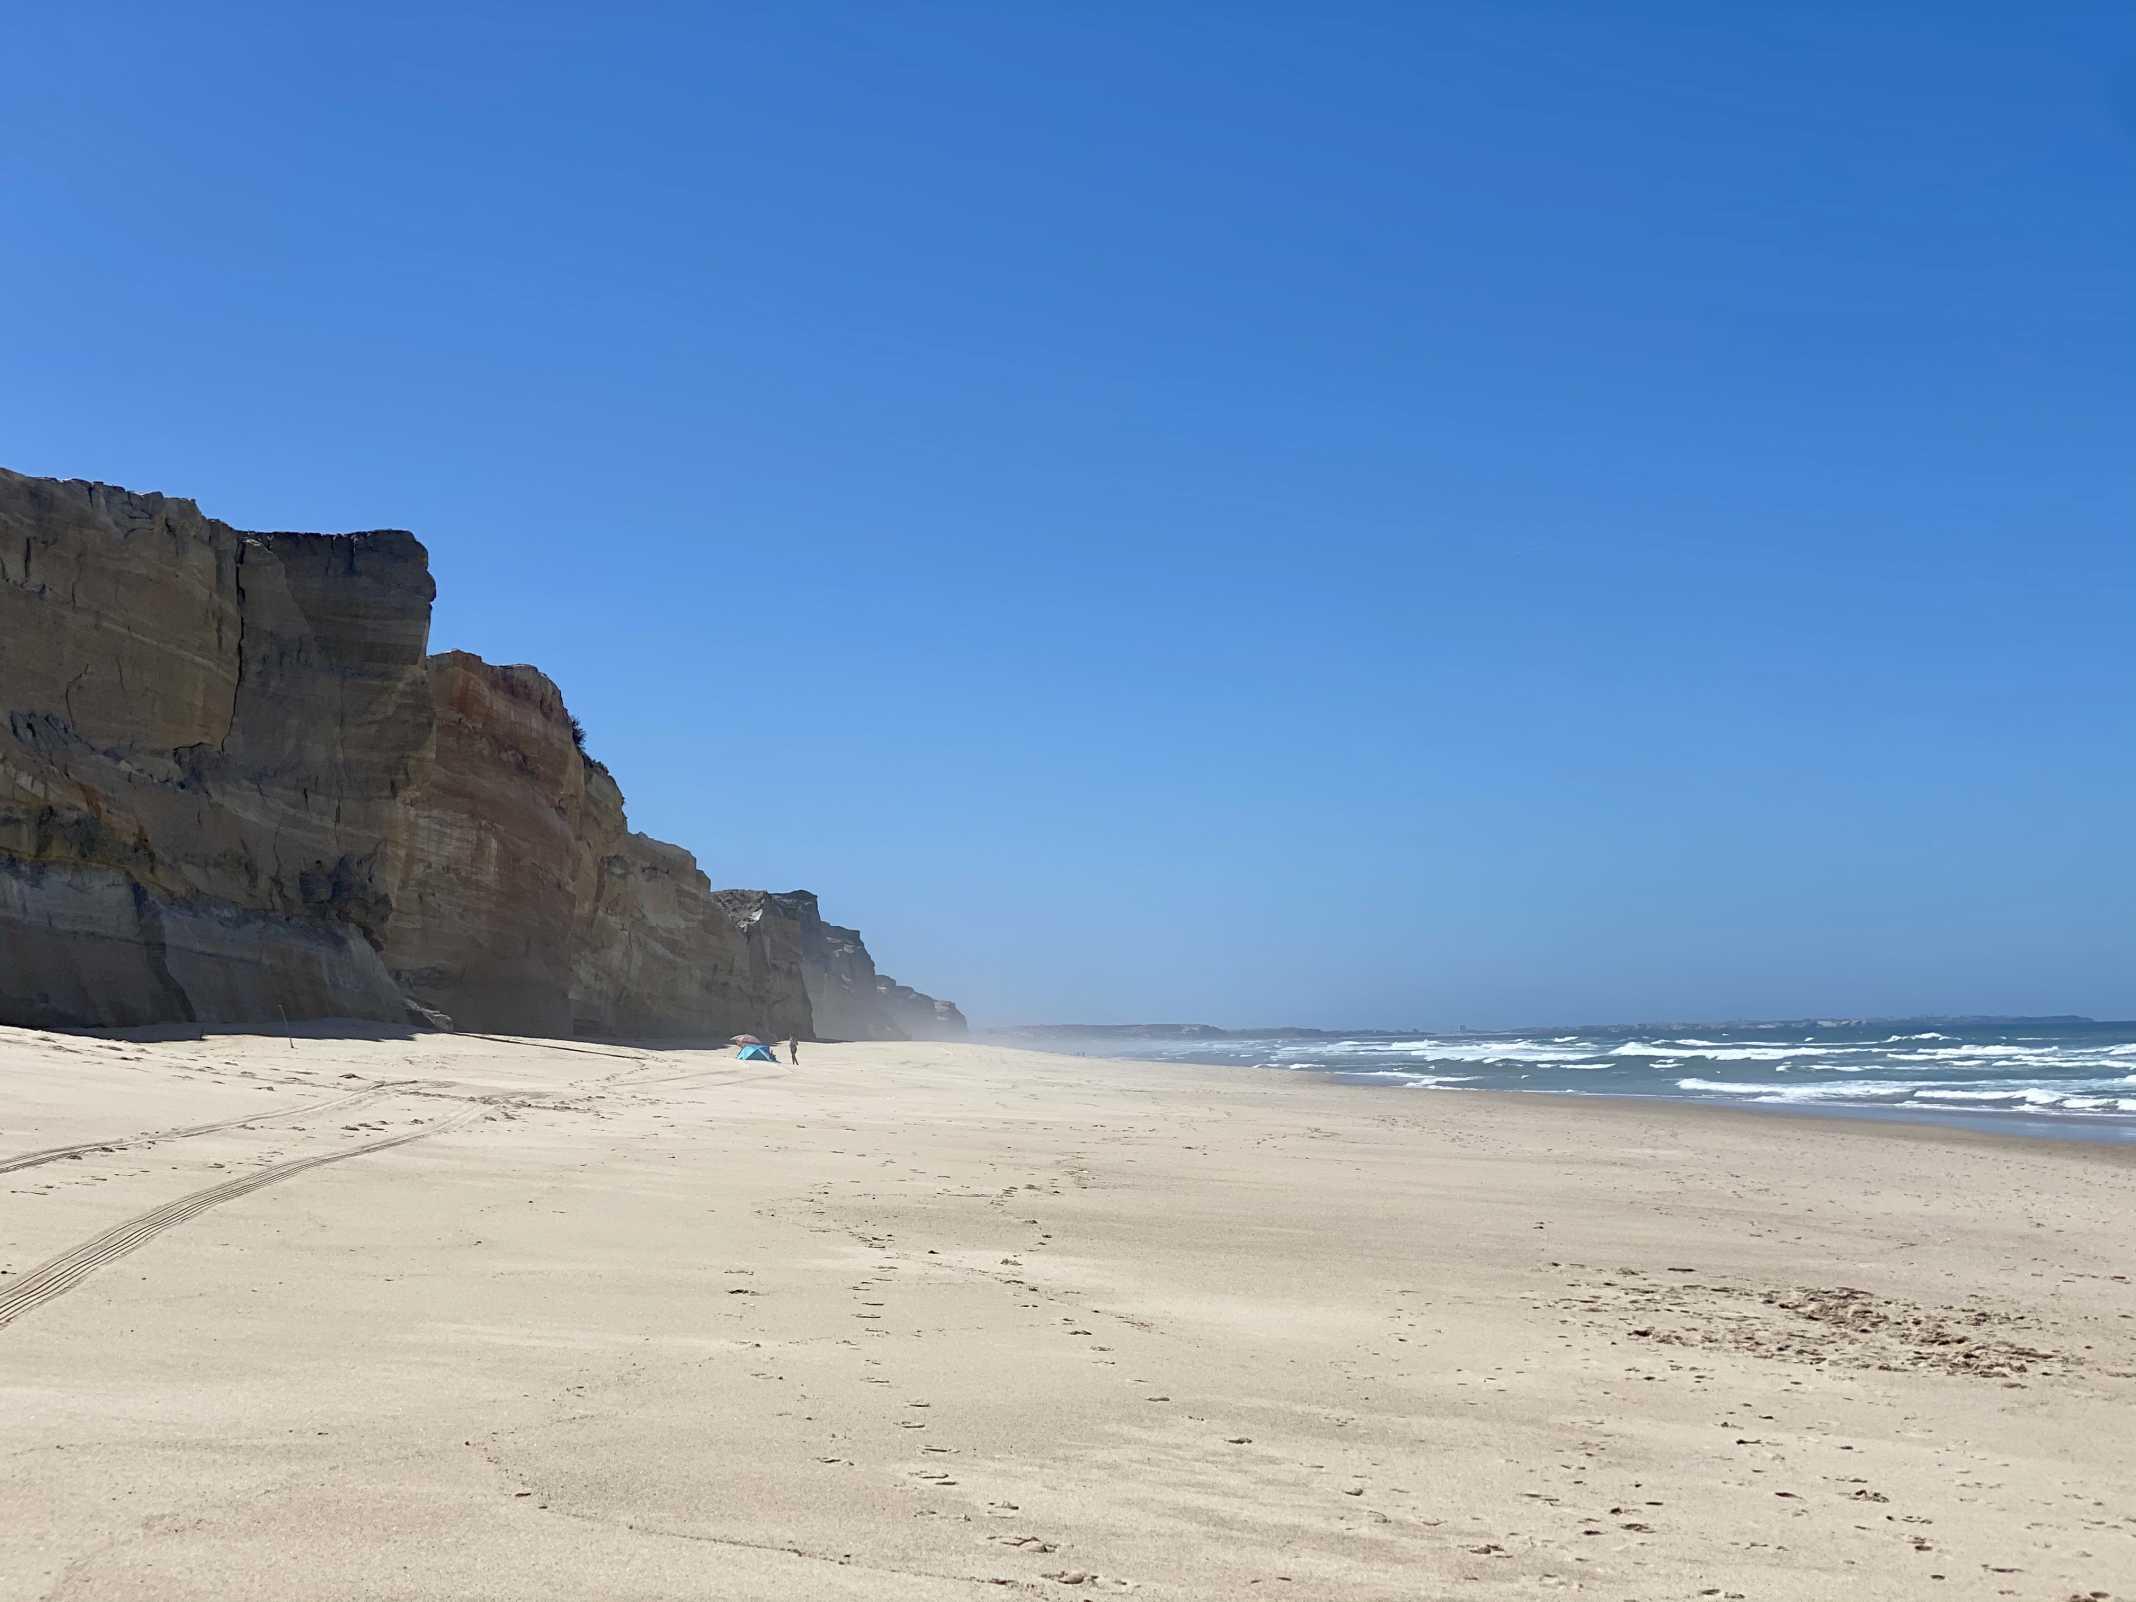 Praia rei cortiço